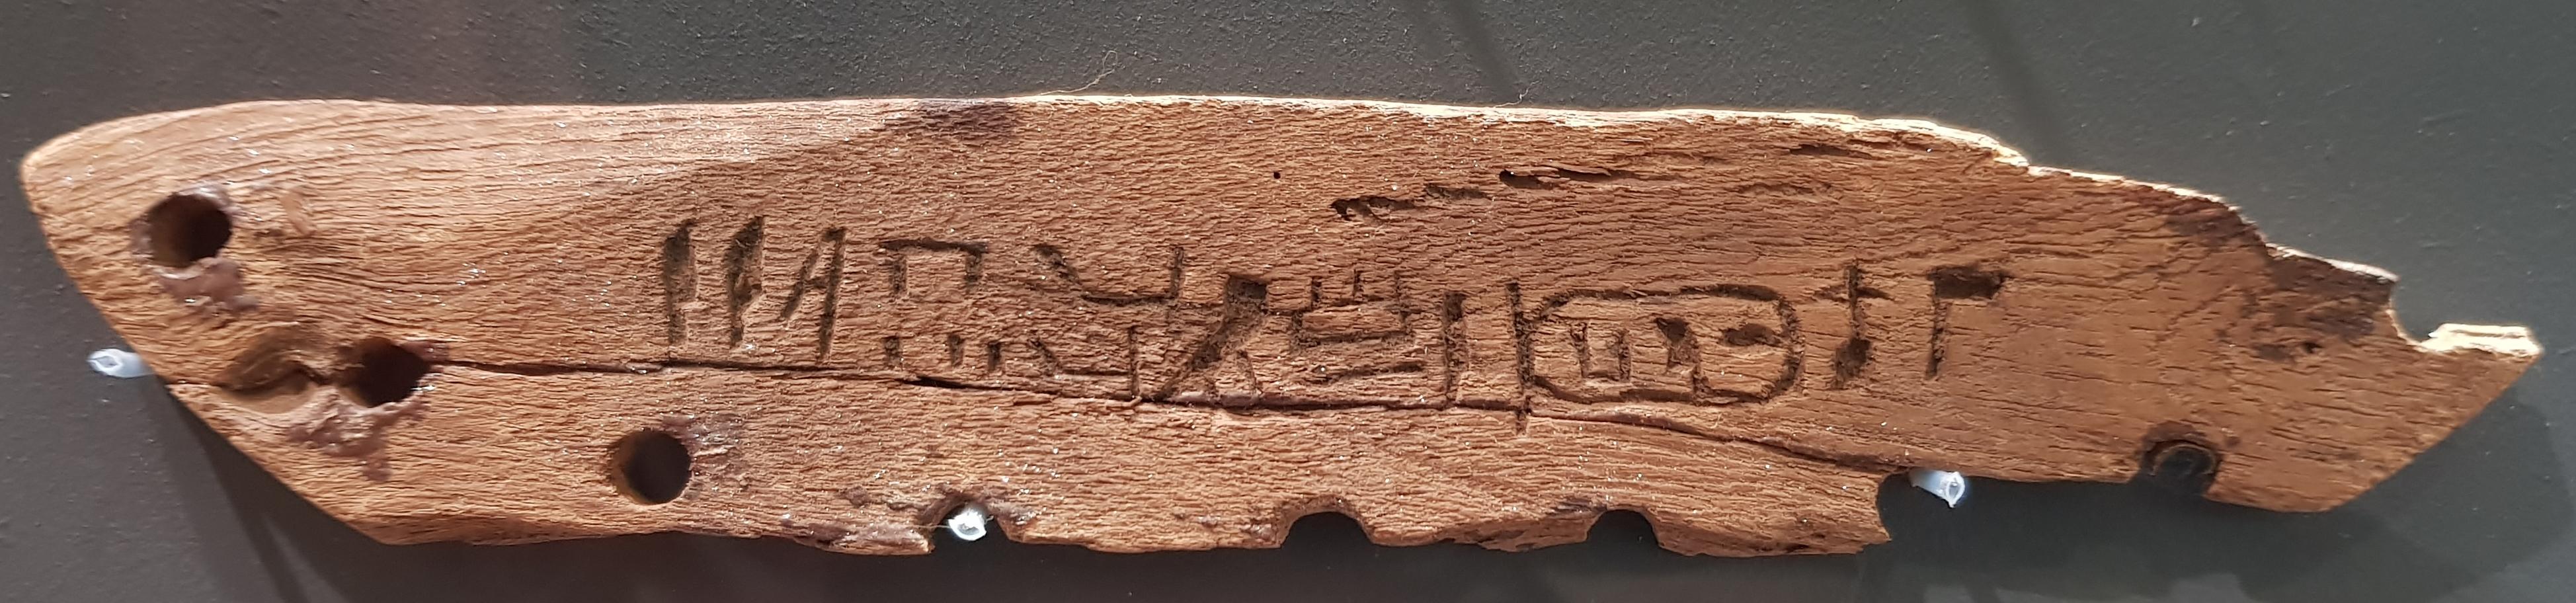 Hatshepsut_Rocker